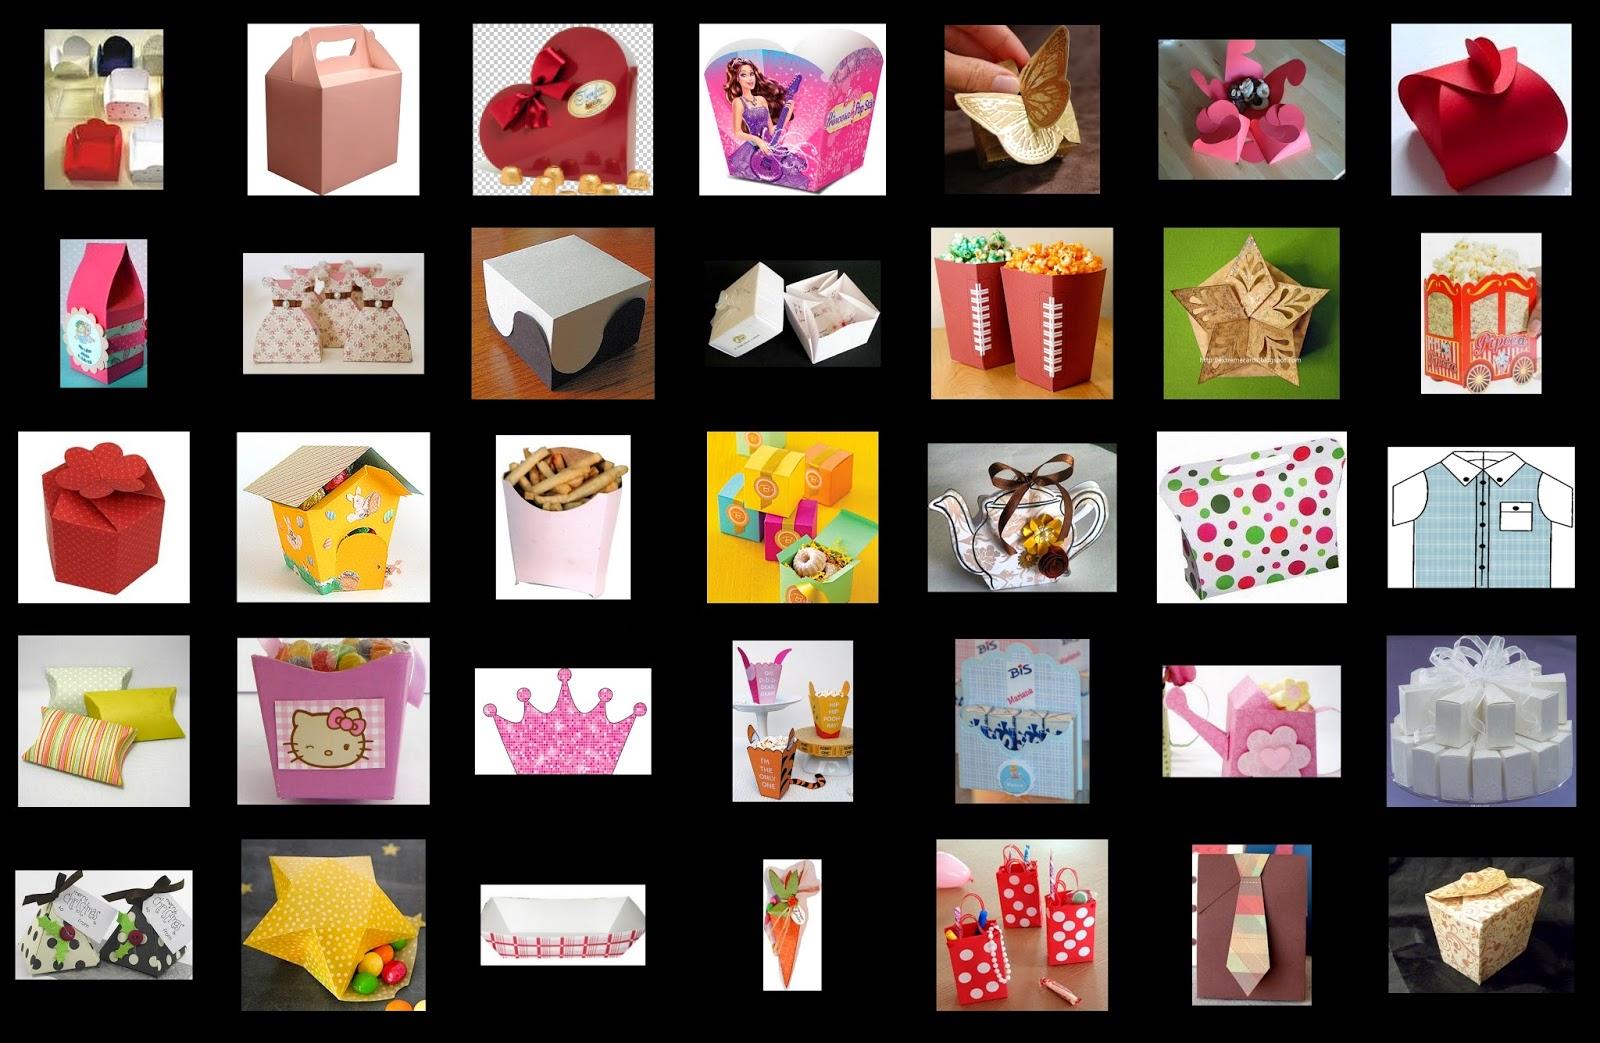 Moldes Gratis de Cajas para Fiestas. | Ideas y material gratis ...